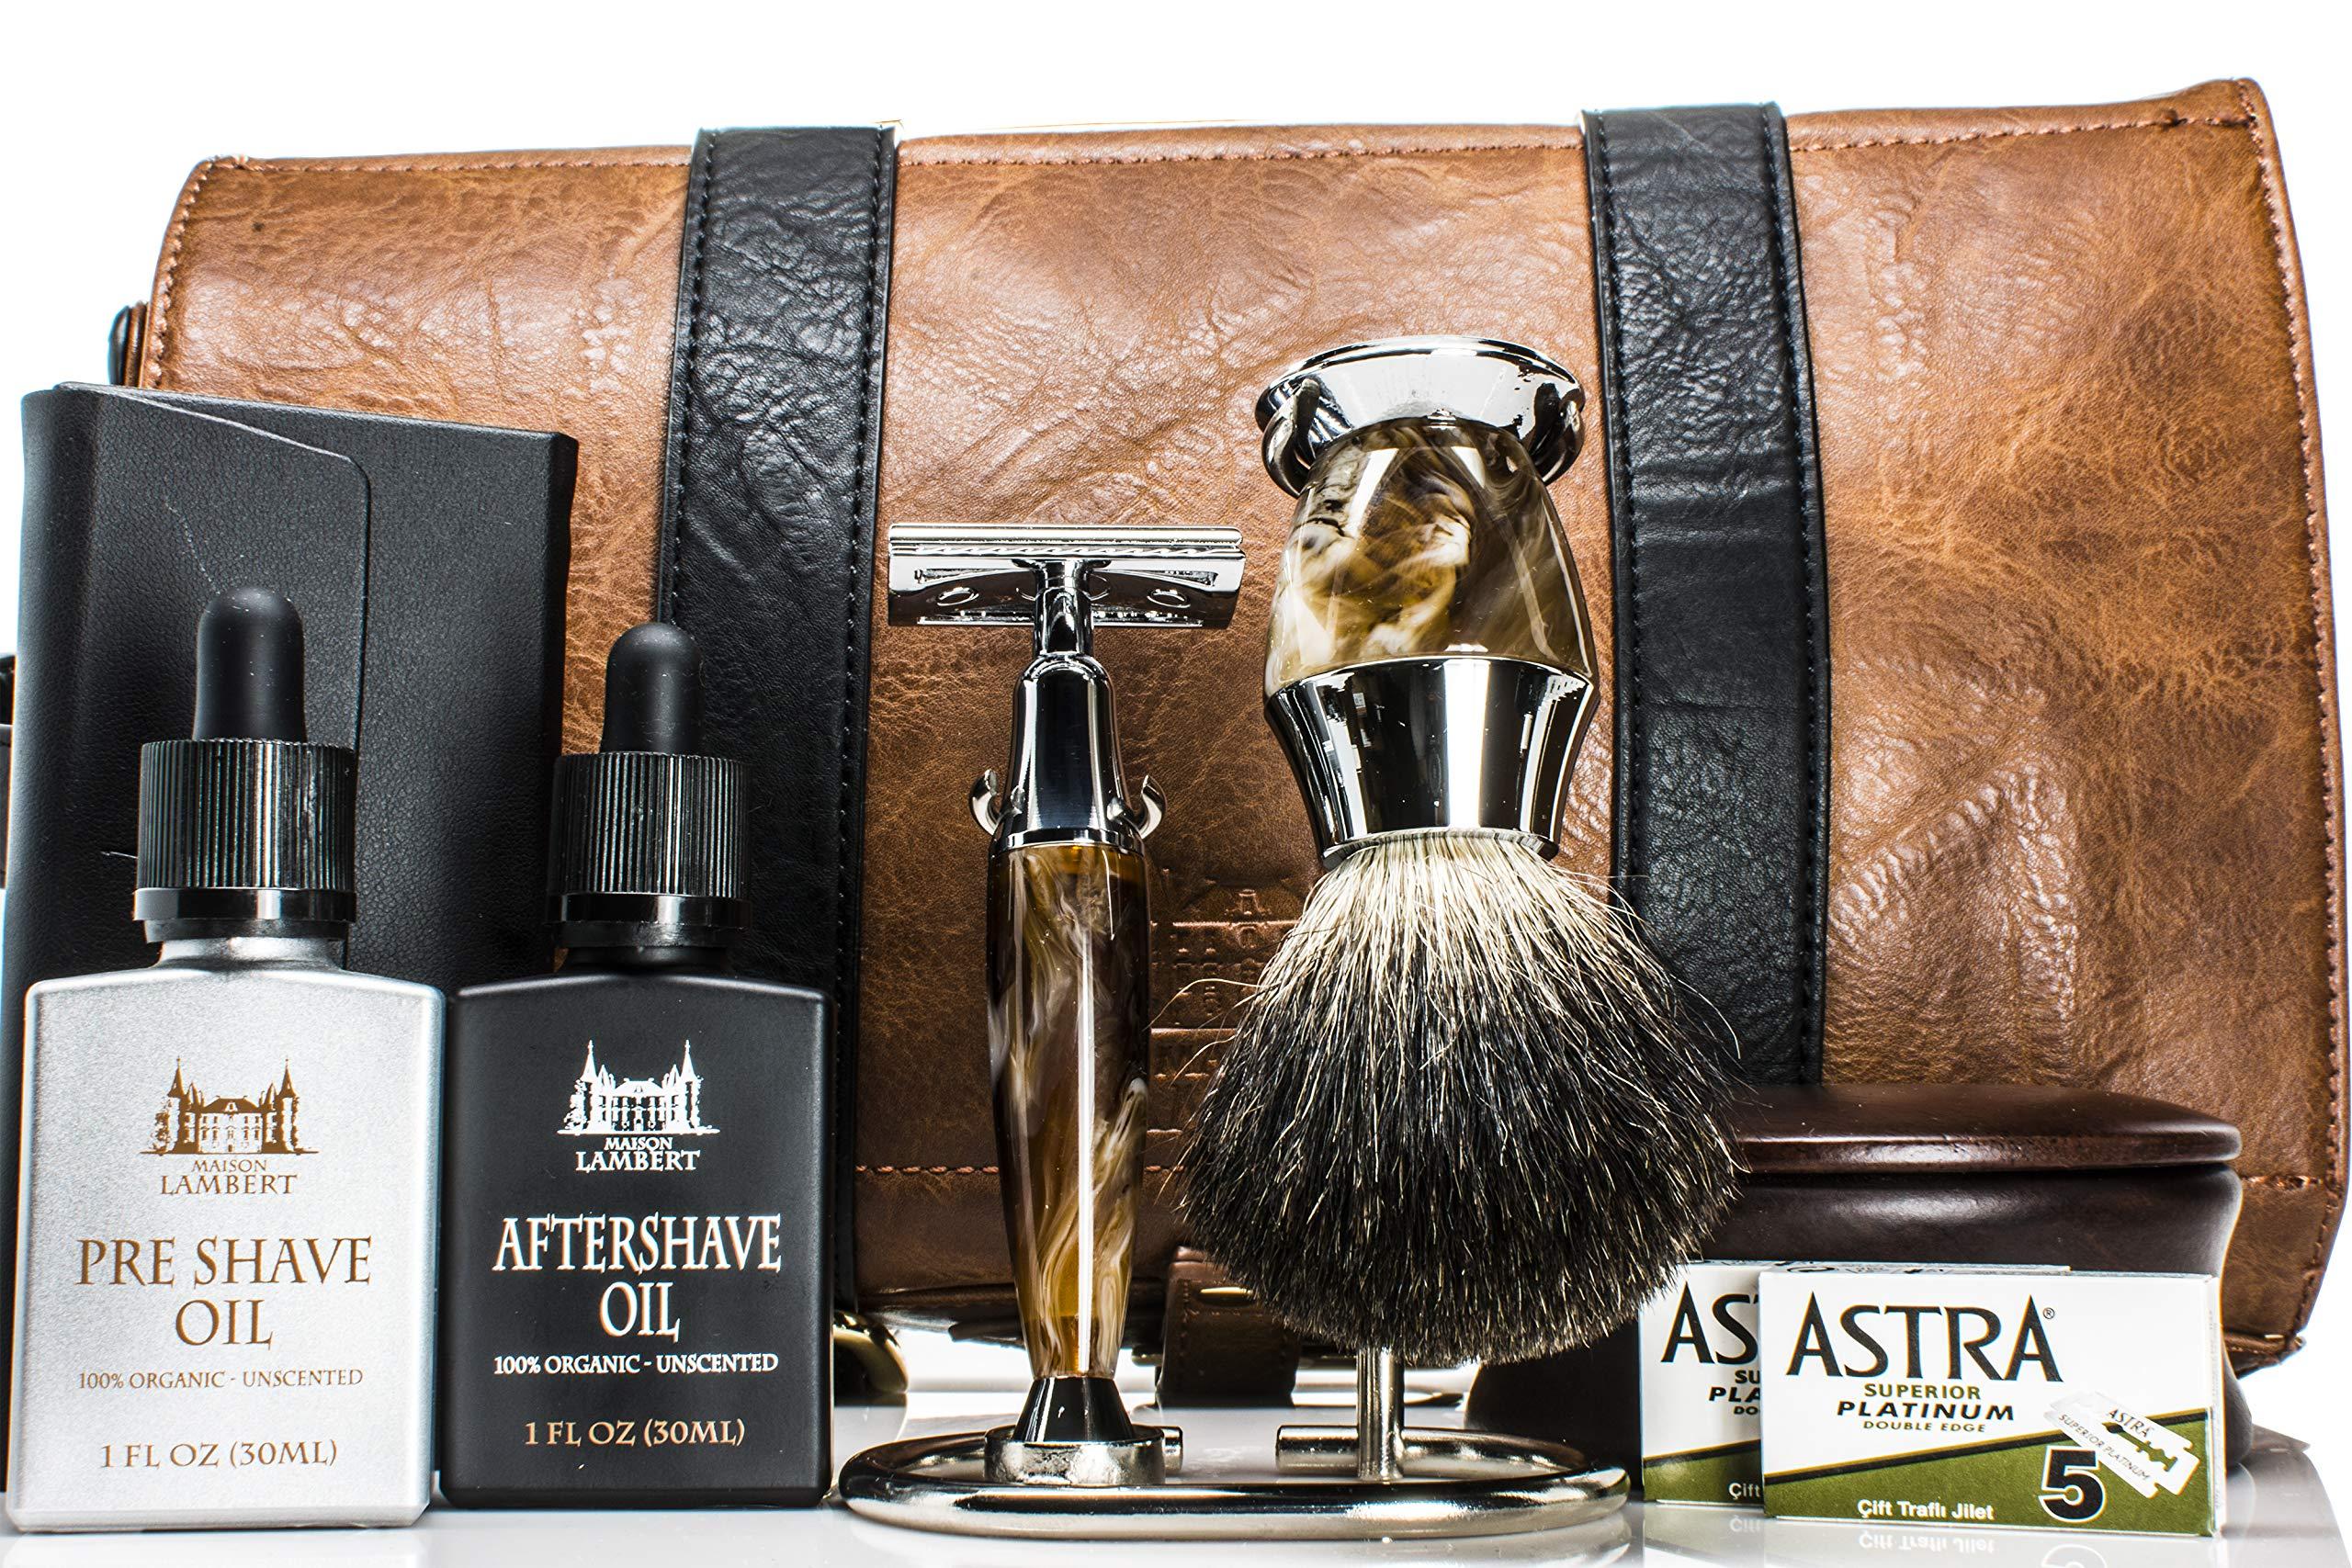 Maison Lambert Deluxe Shaving Kit - Shaving Set - Shaving Soap Kit - Wood Shaving Set - Vintage Shaving Kit - Mens Christmas Gifts - Wood Shaving Bowl - Mens Gifts - Gifts for Dad - Gifts by Maison Lambert